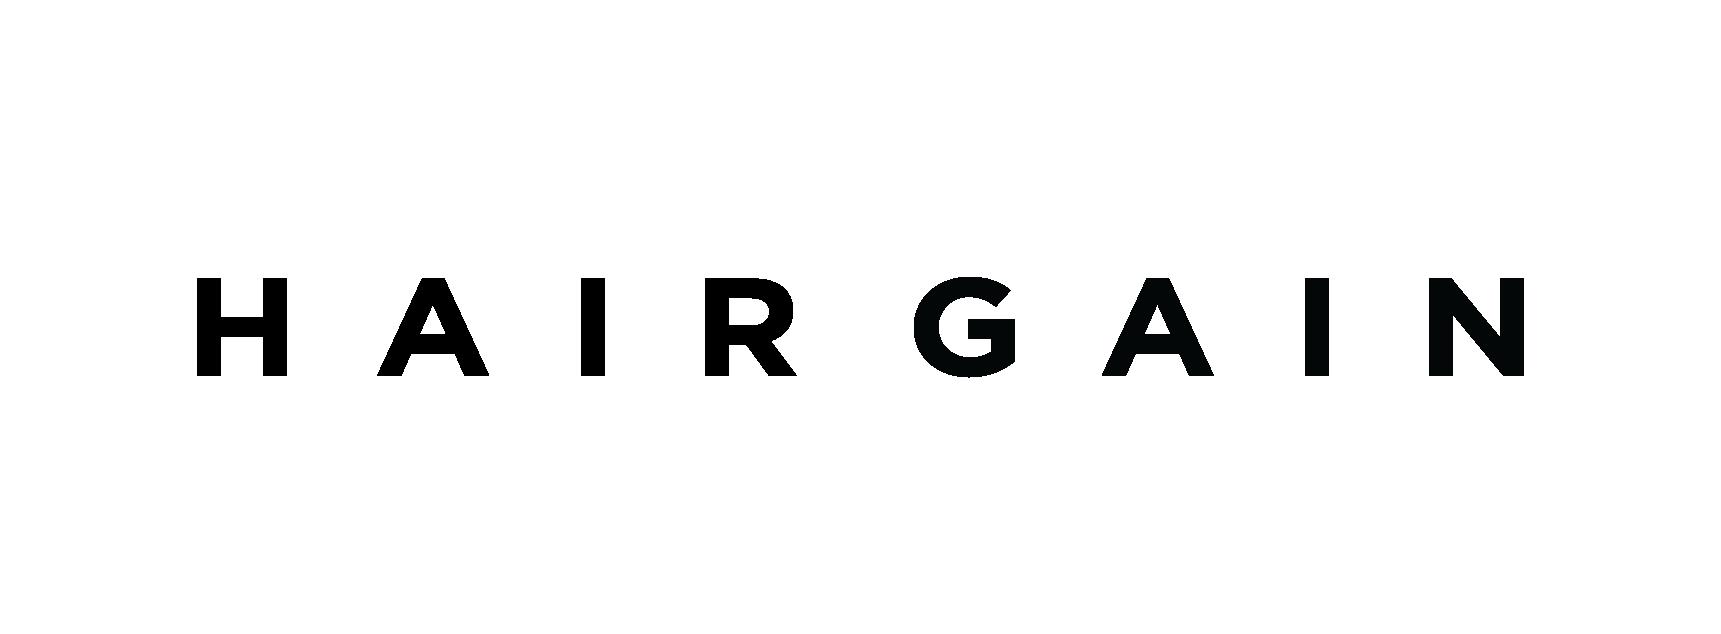 Hairgain Logo Black